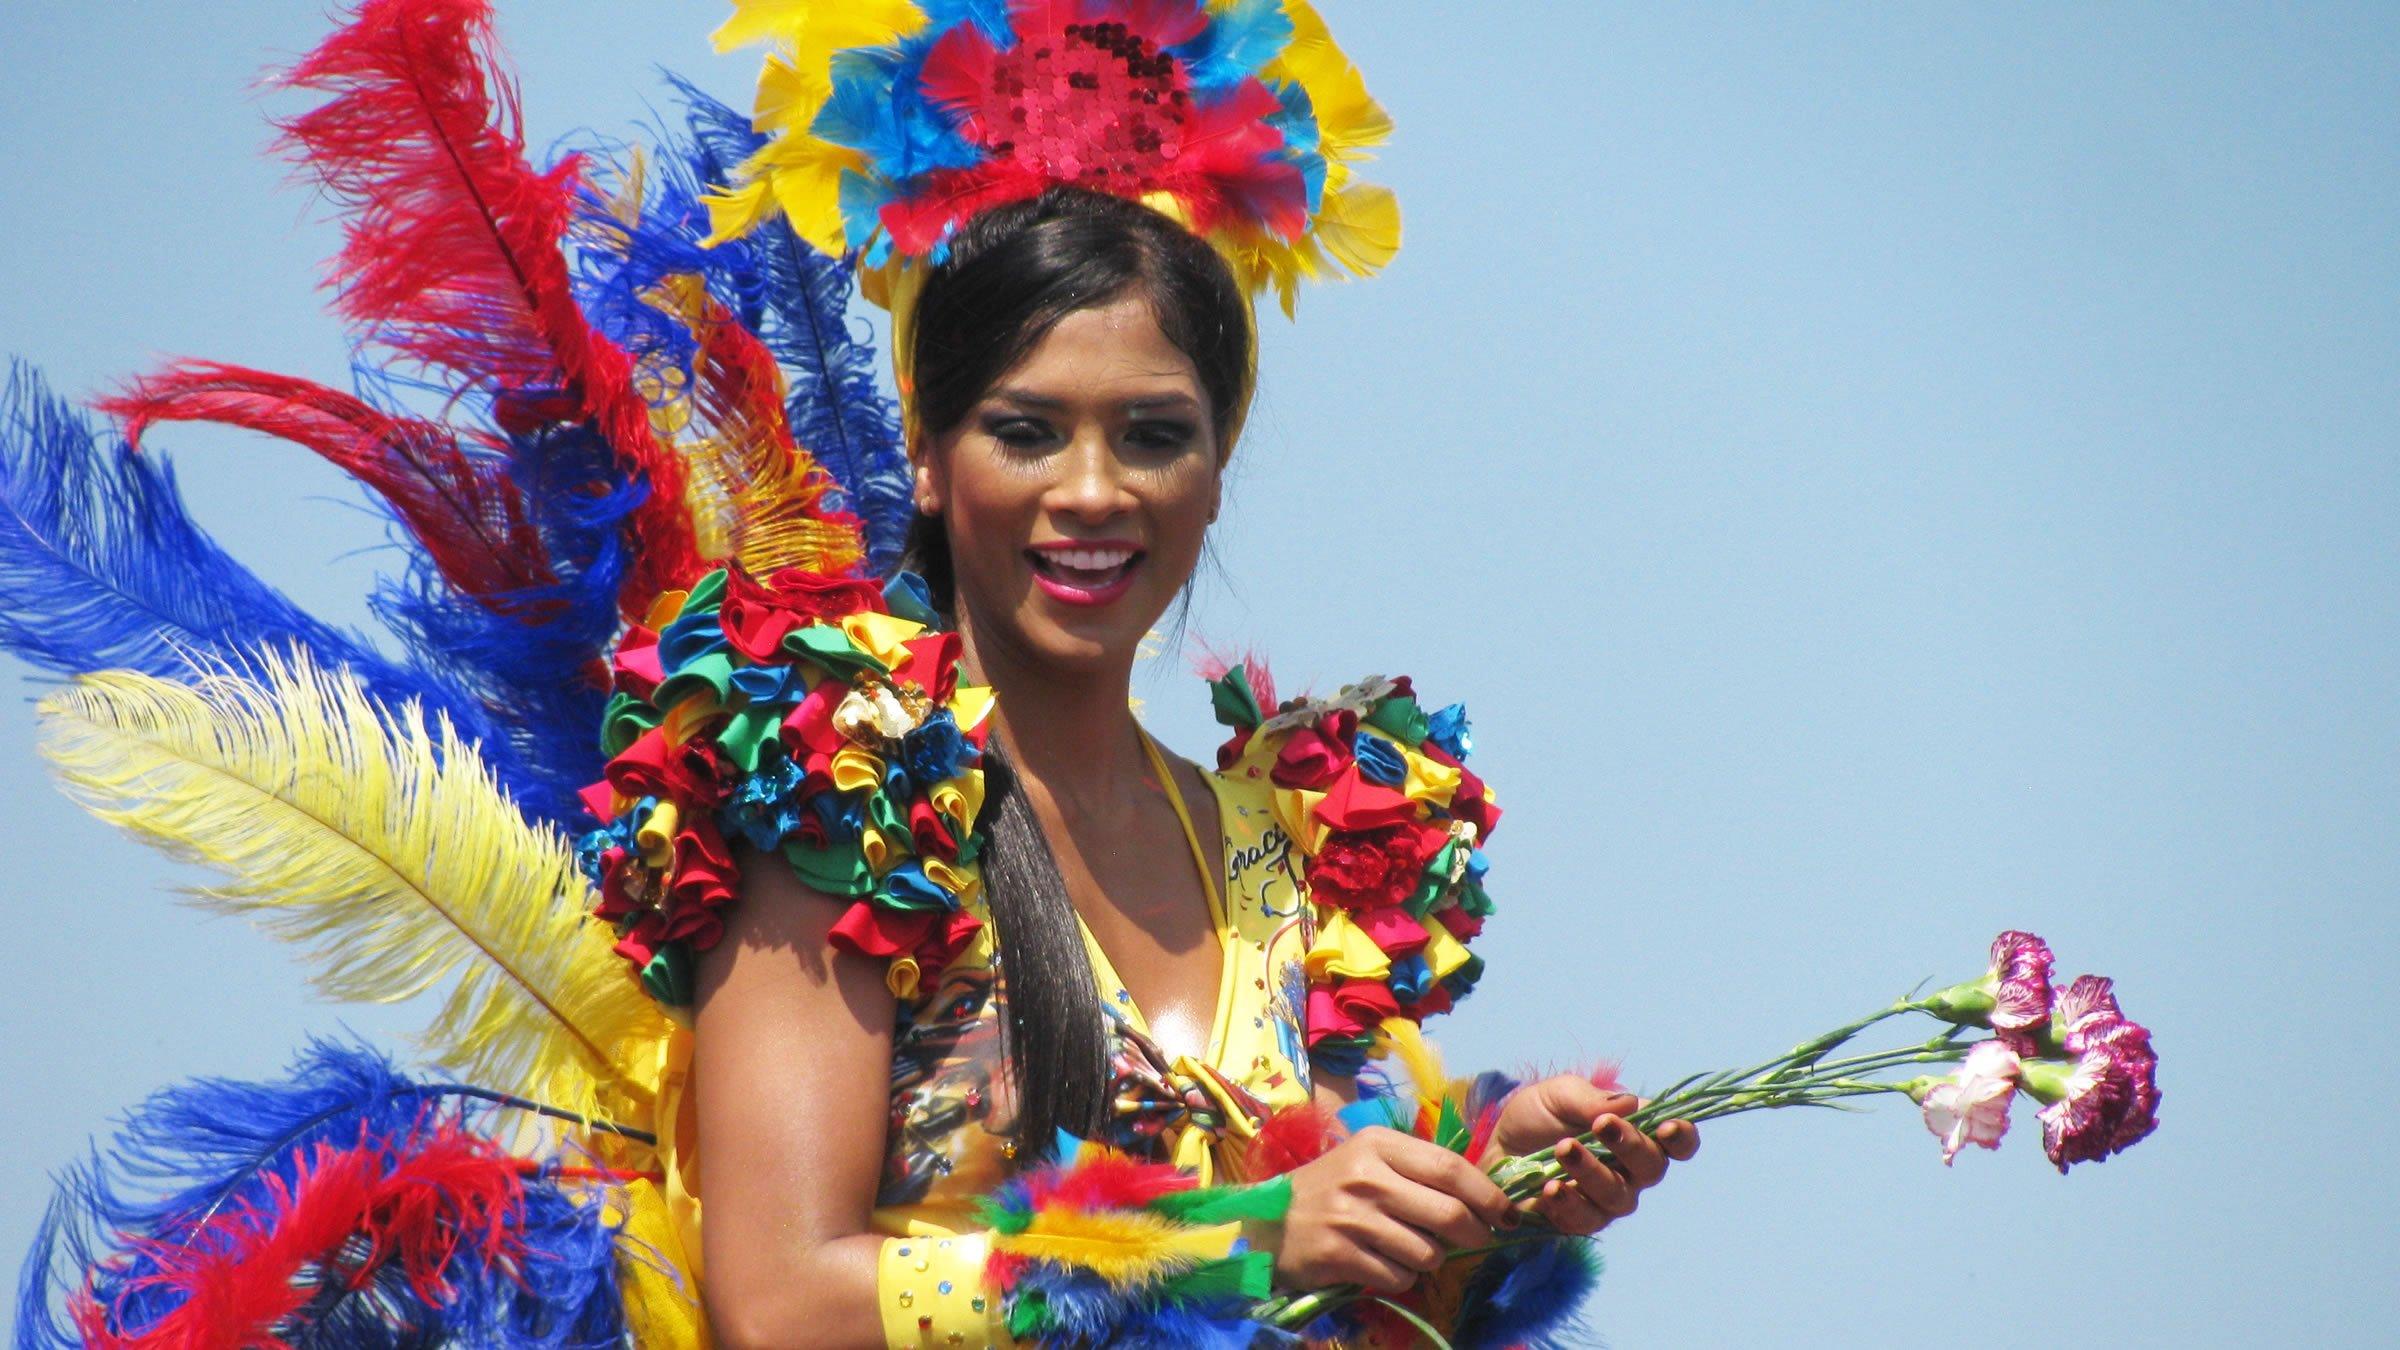 Bonita colombiana negra y bien tetona follando su conjo rojo 5